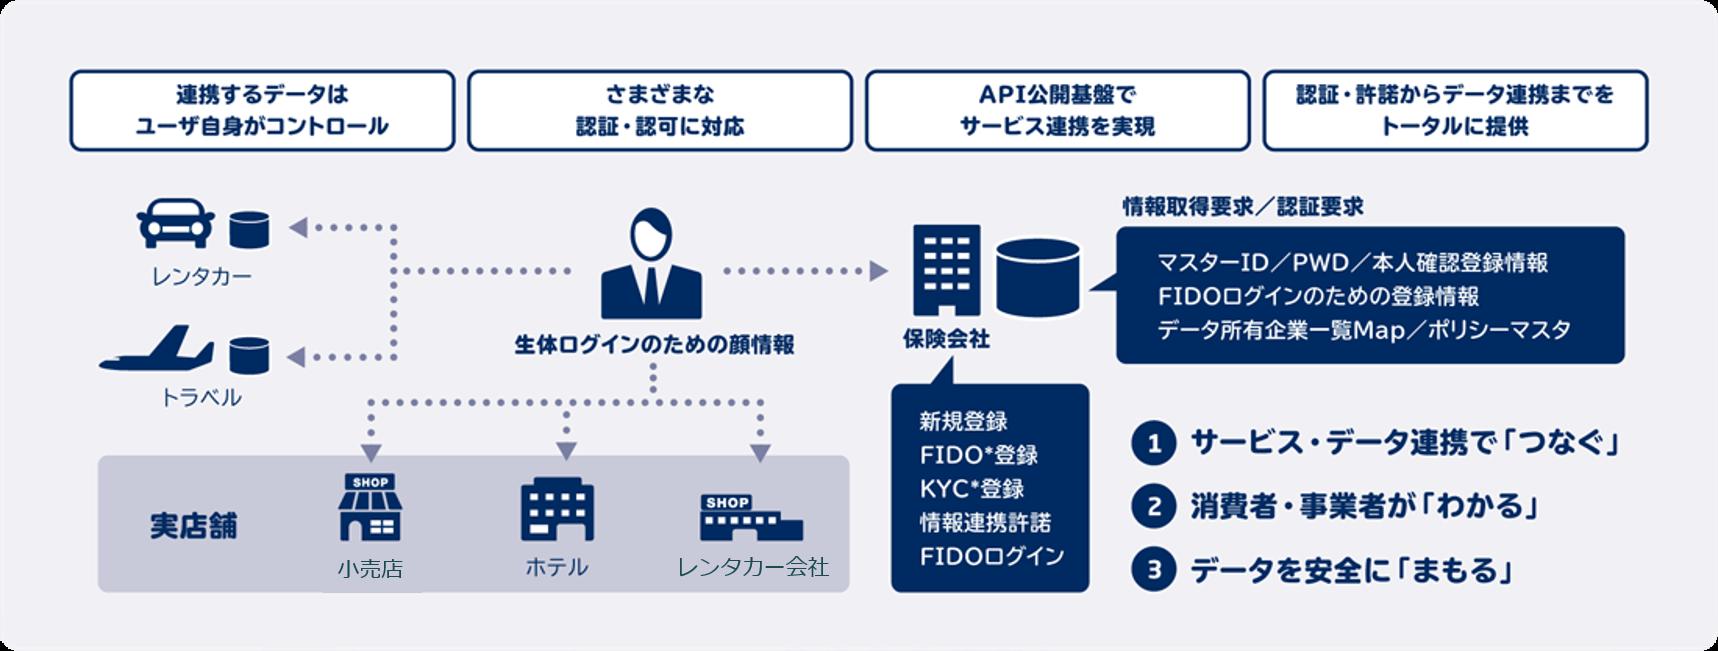 パーソナルデータ流通サービス: NEC Smart Connectivityサービス ...